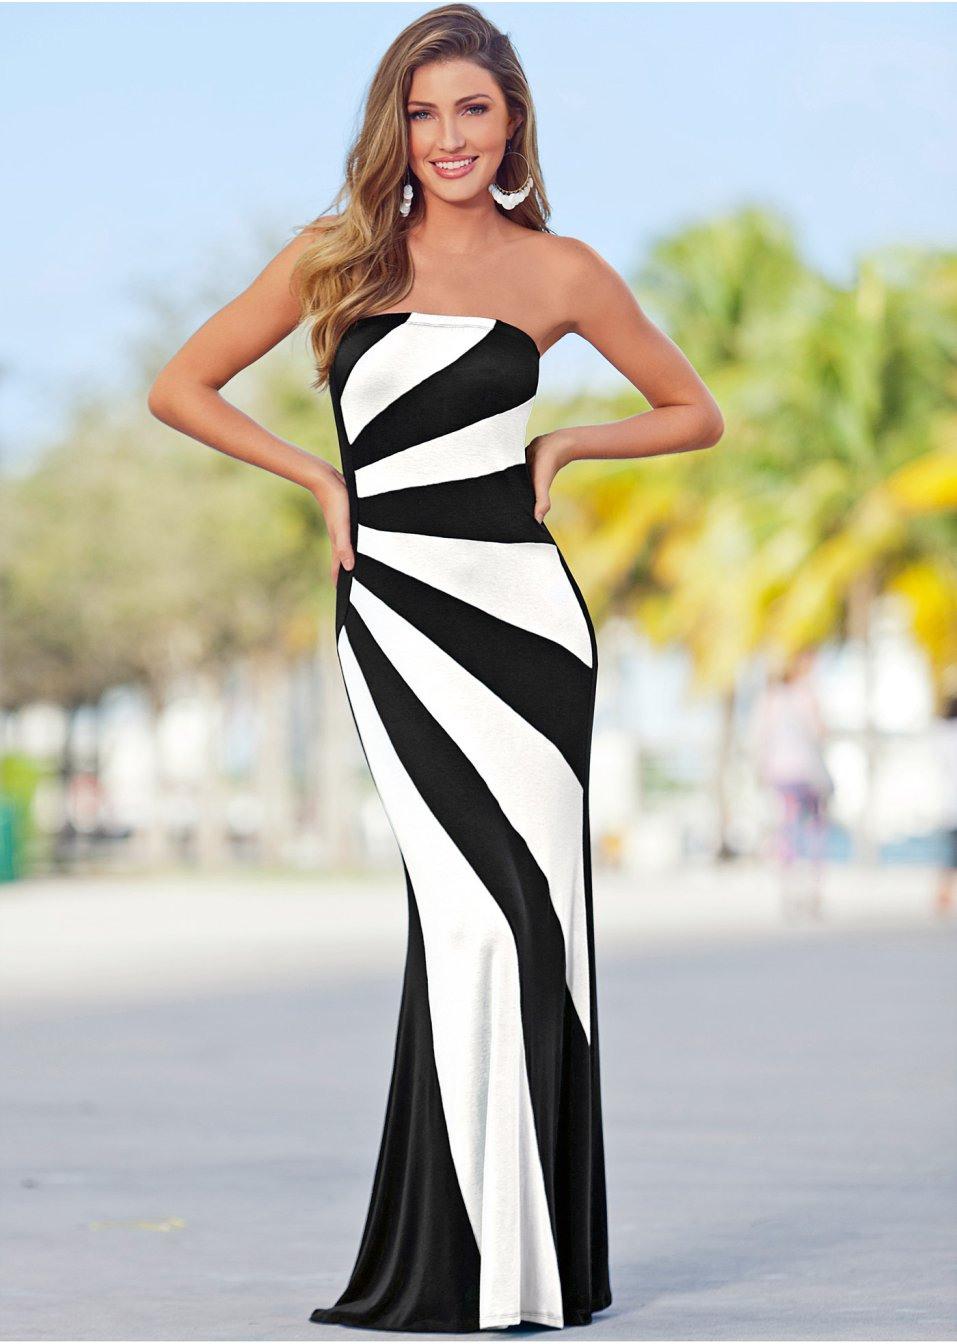 Kleid Fürs Zivile - Ich Brauche Euren Rat | Verschiedene